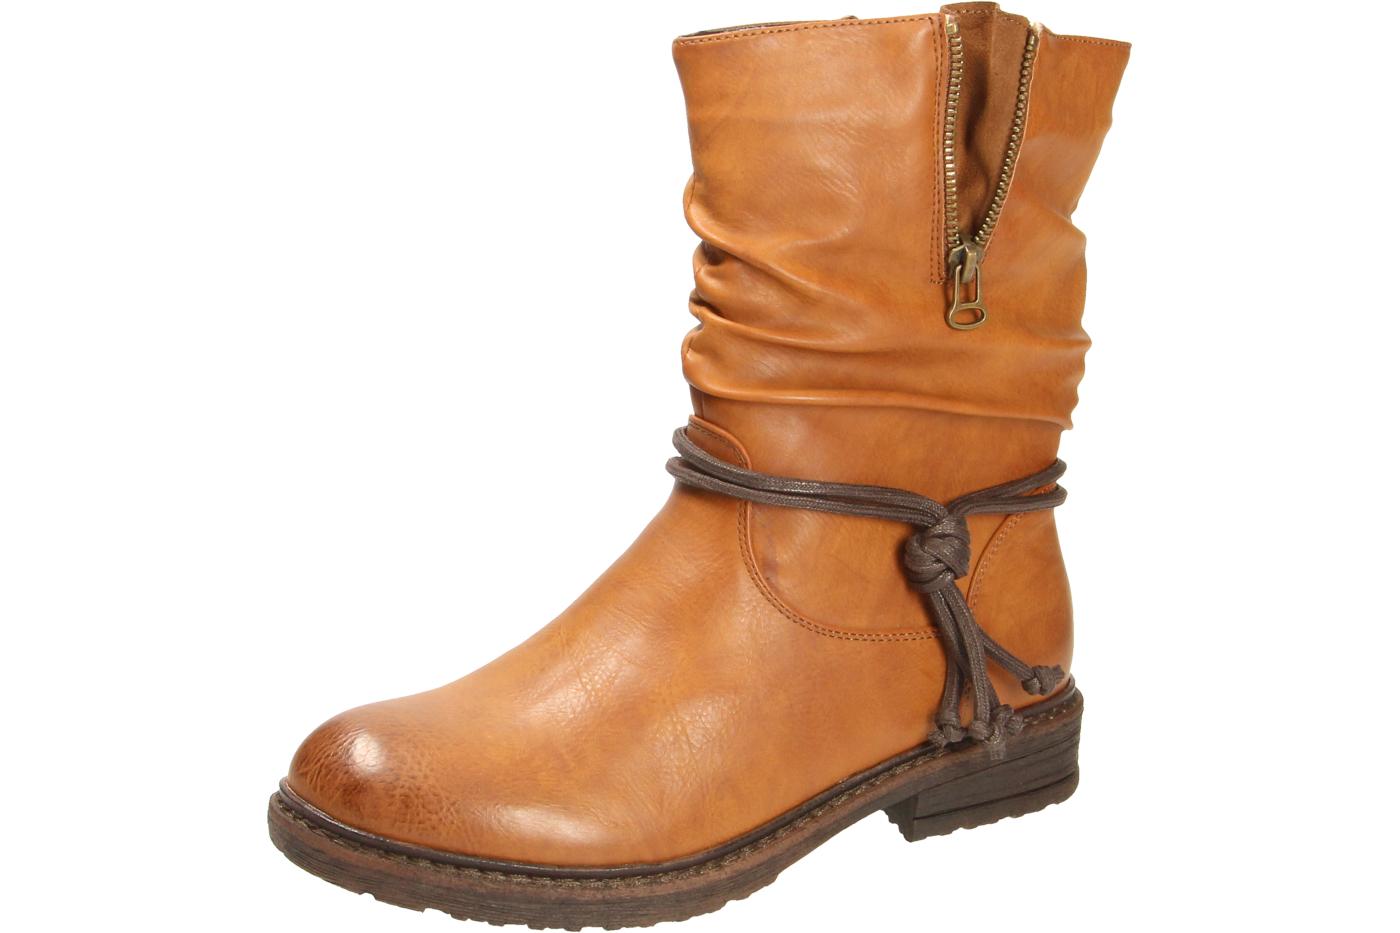 Rieker Damen Winter Stiefel X1473 Braun 22 warm gefüttert